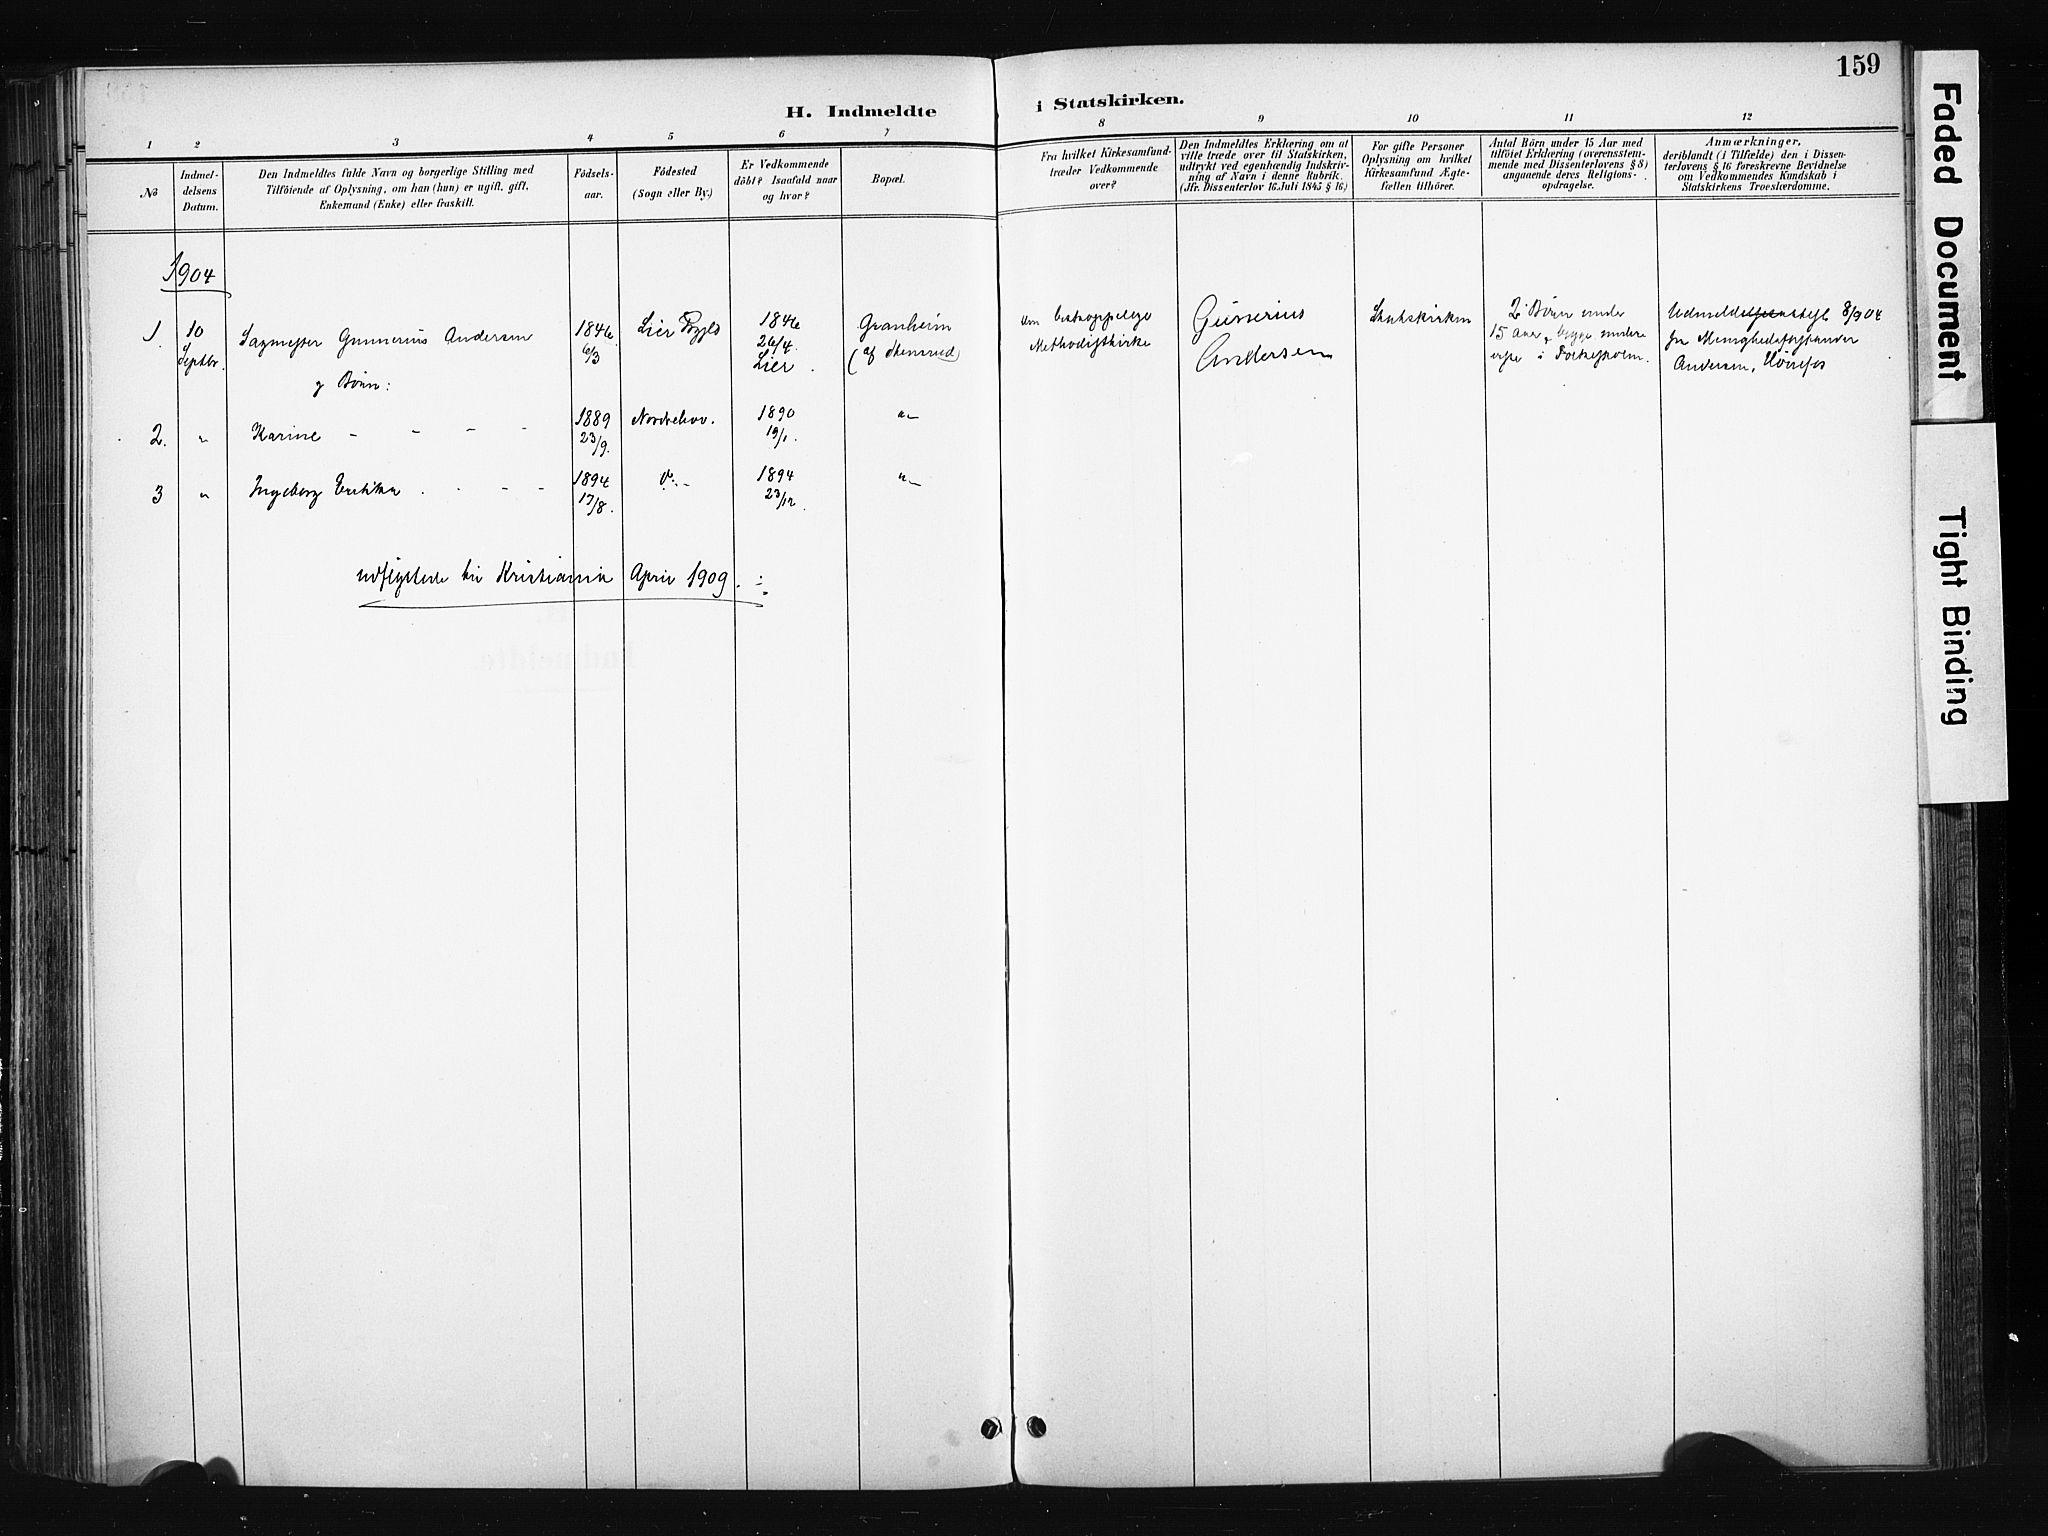 SAH, Søndre Land prestekontor, K/L0004: Ministerialbok nr. 4, 1895-1904, s. 159